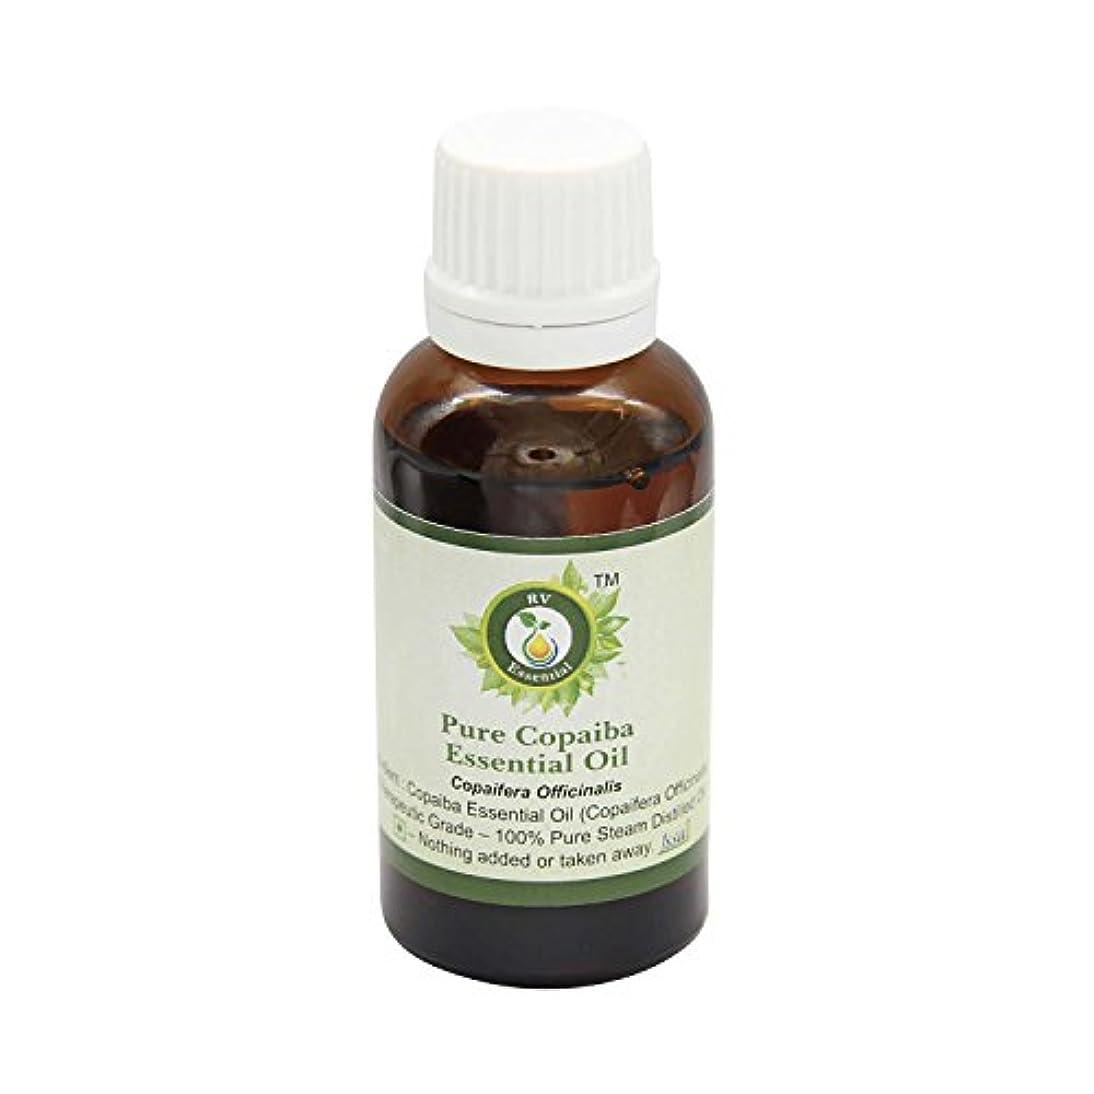 共産主義者火薬順番R V Essential ピュアコパイバエッセンシャルオイル30ml (1.01oz)- Copaifera Officinalis (100%純粋&天然スチームDistilled) Pure Copaiba Essential...